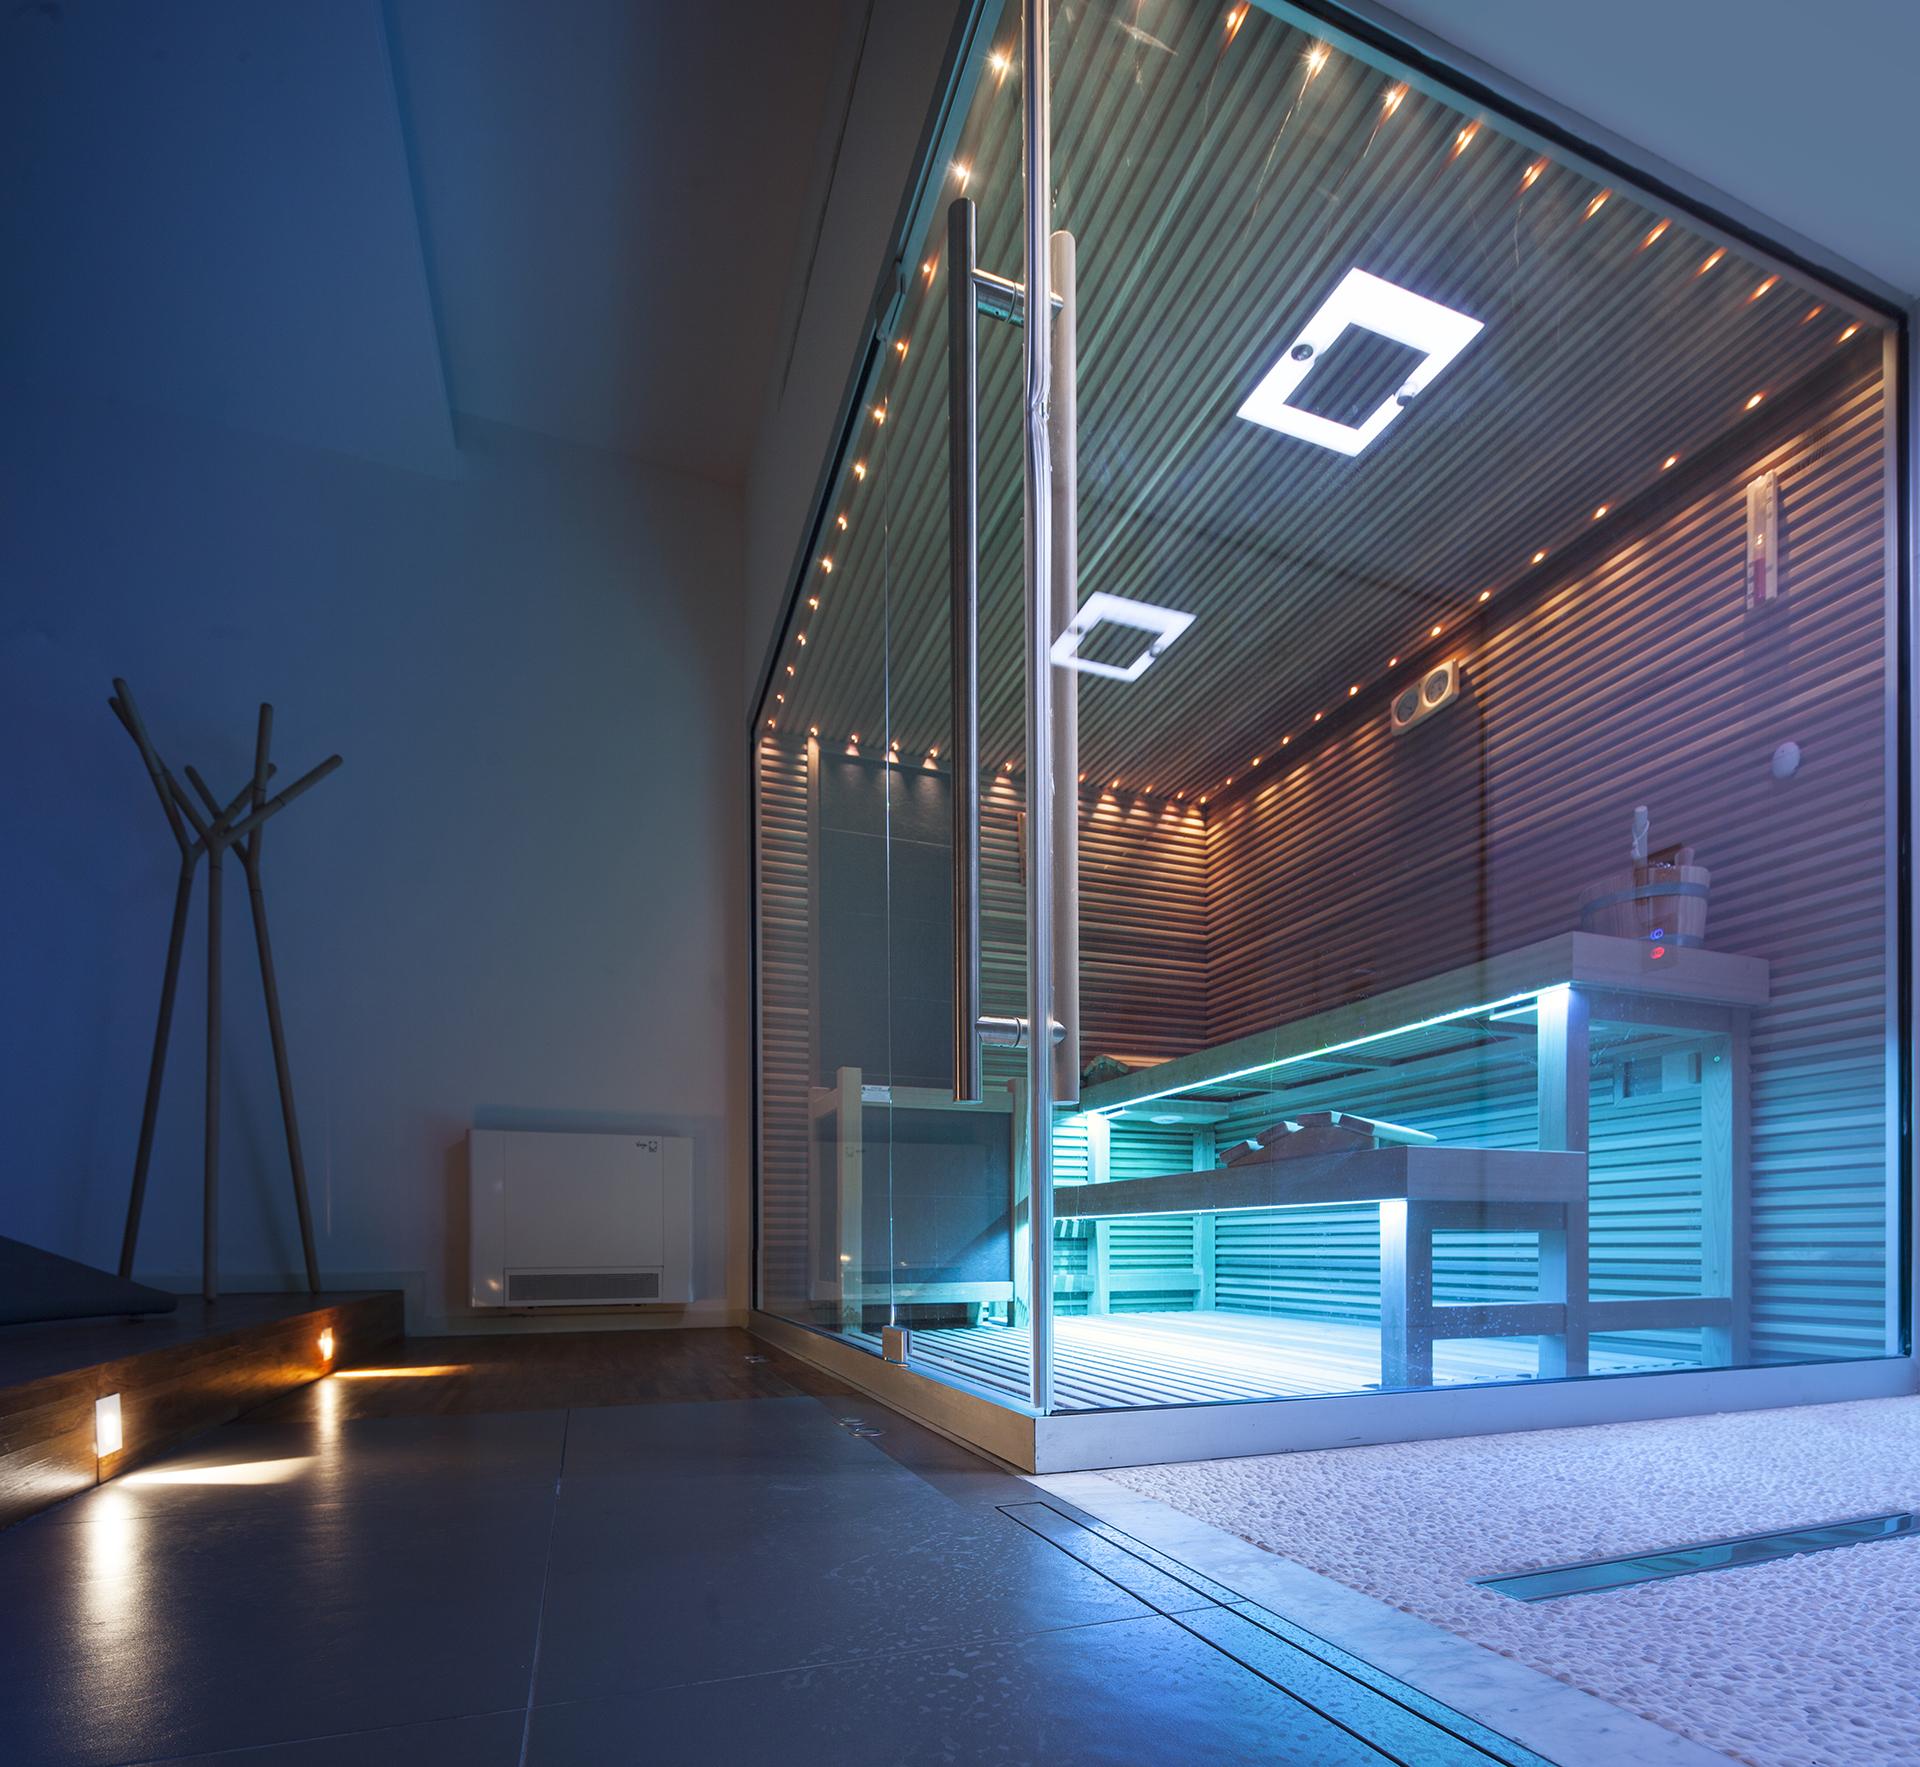 Bienvenidos al edificio m s bonito del mundo idealista news - La casa piu bella al mondo ...